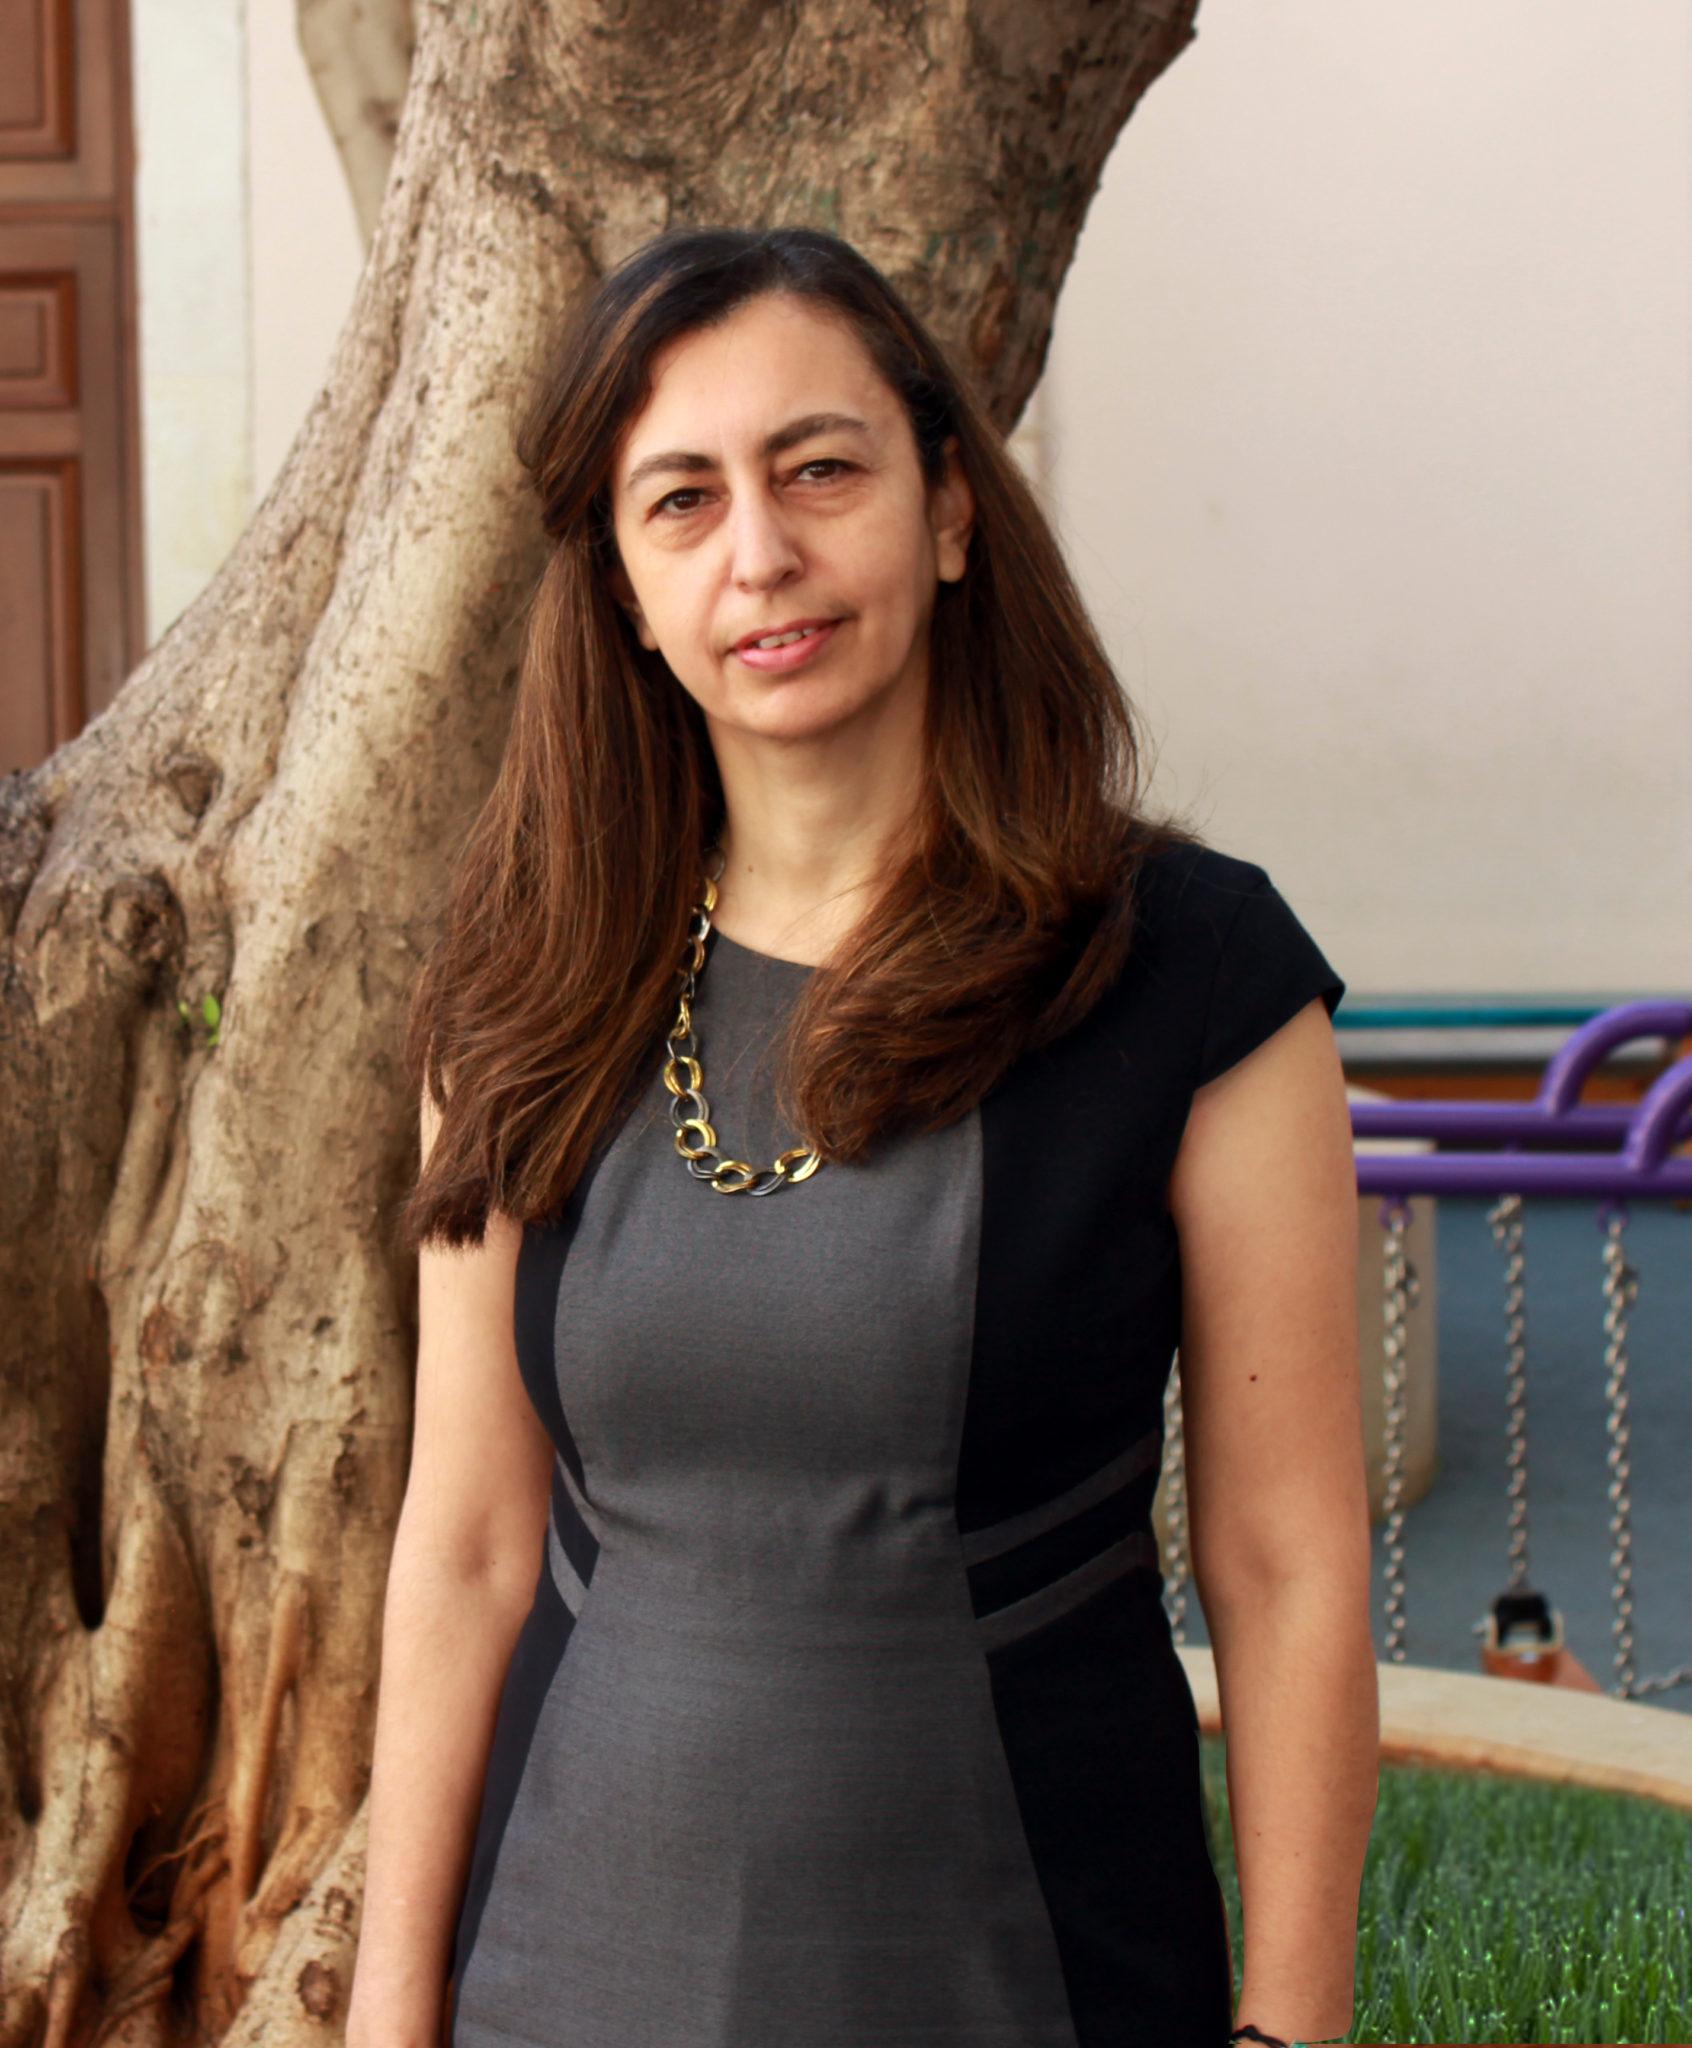 Omaima Khoury